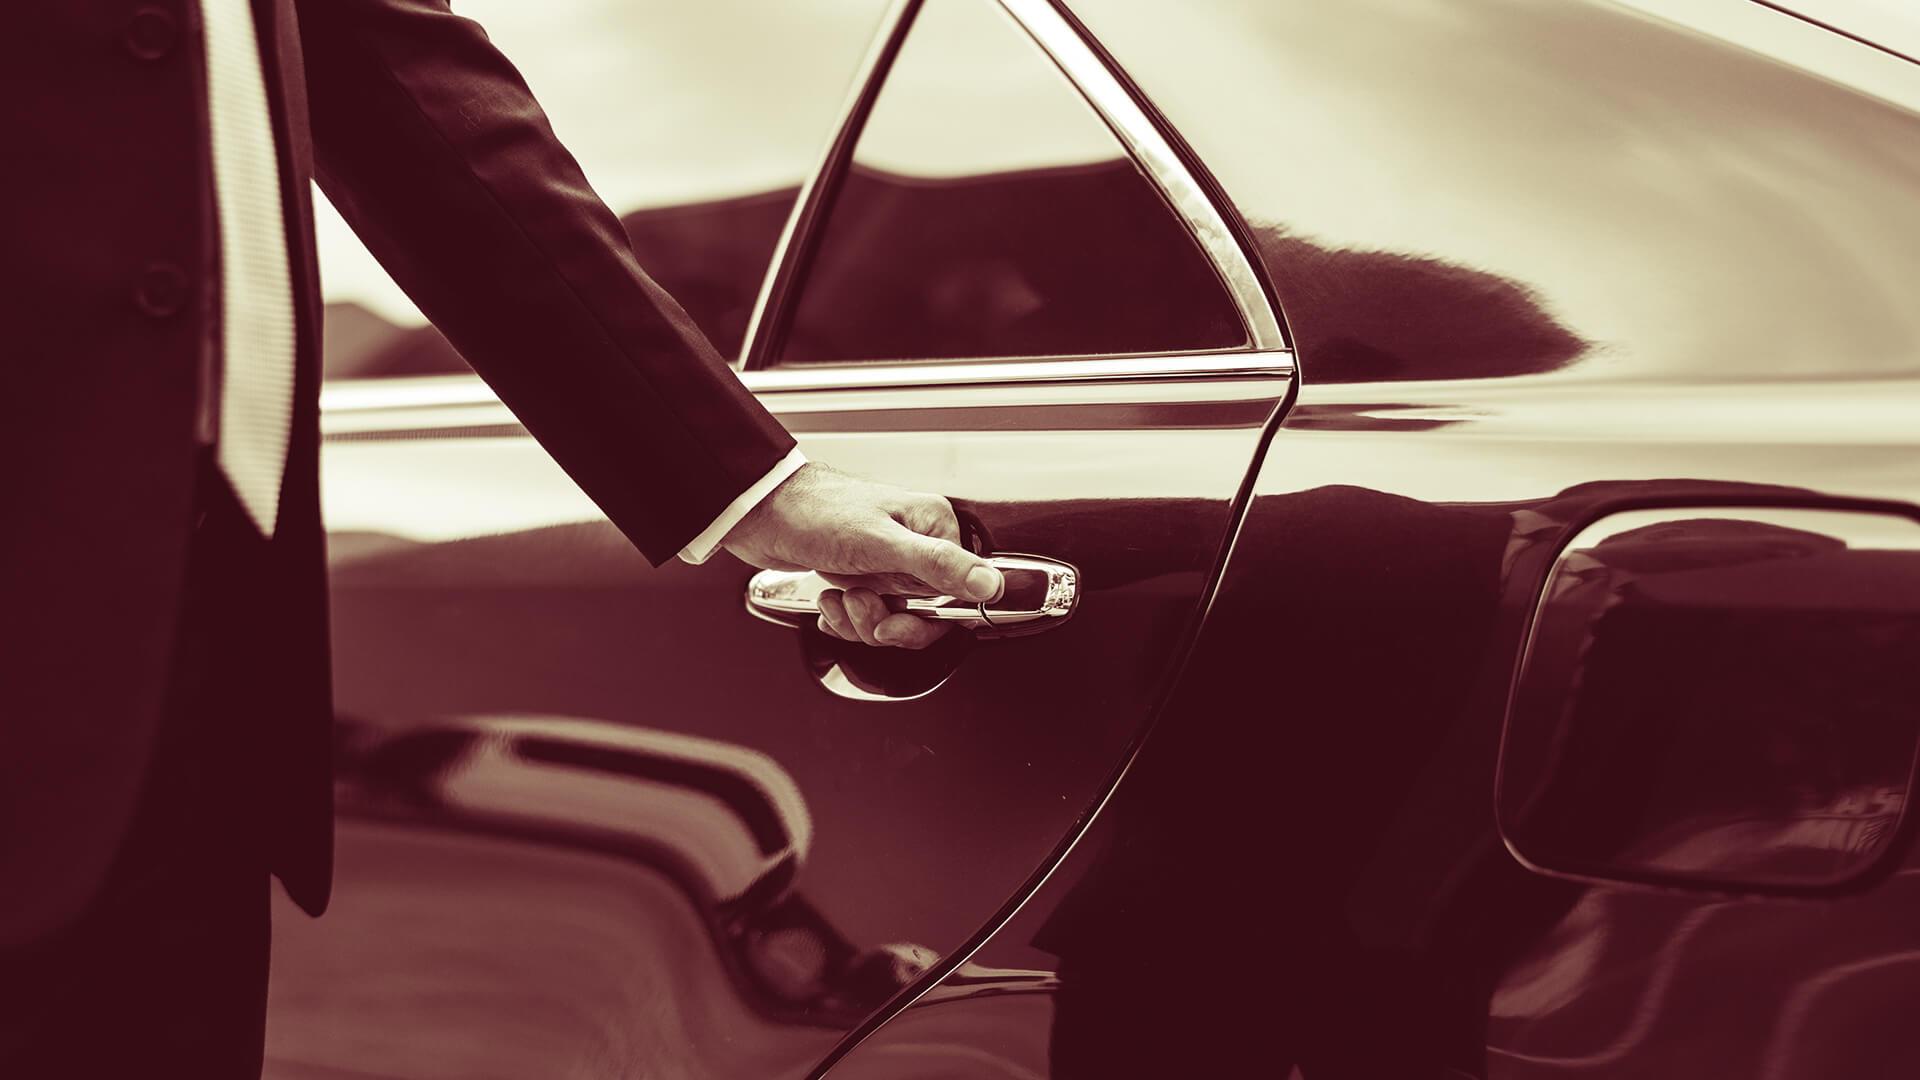 Un homme ouvrant une voiture de luxe par